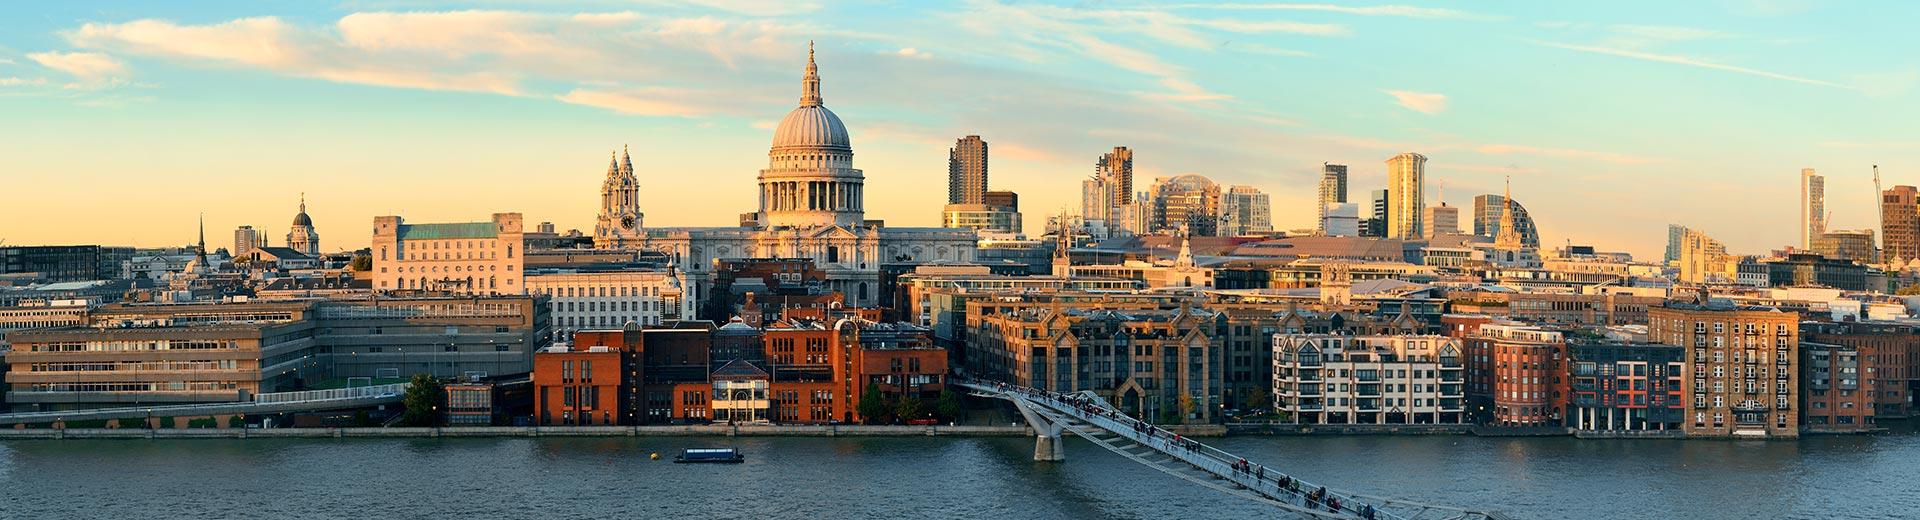 Gruppenreise London - Package Gruppen Select Flug